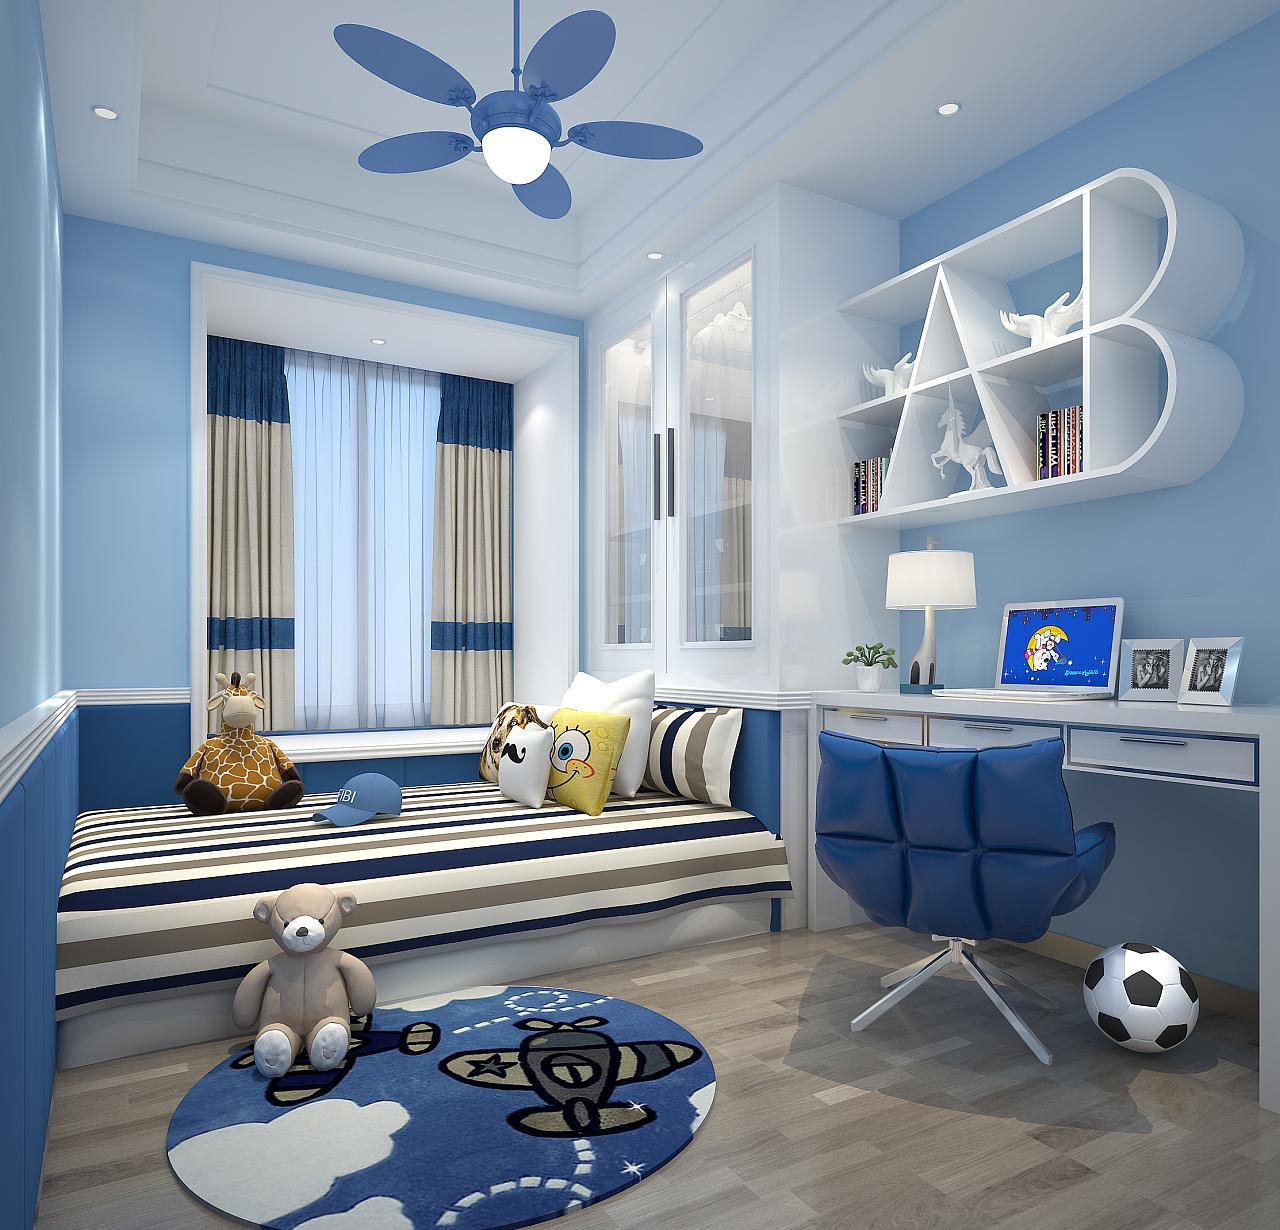 室内设计|空间|室内设计|tsao设计 - 原创作品 - 站酷图片